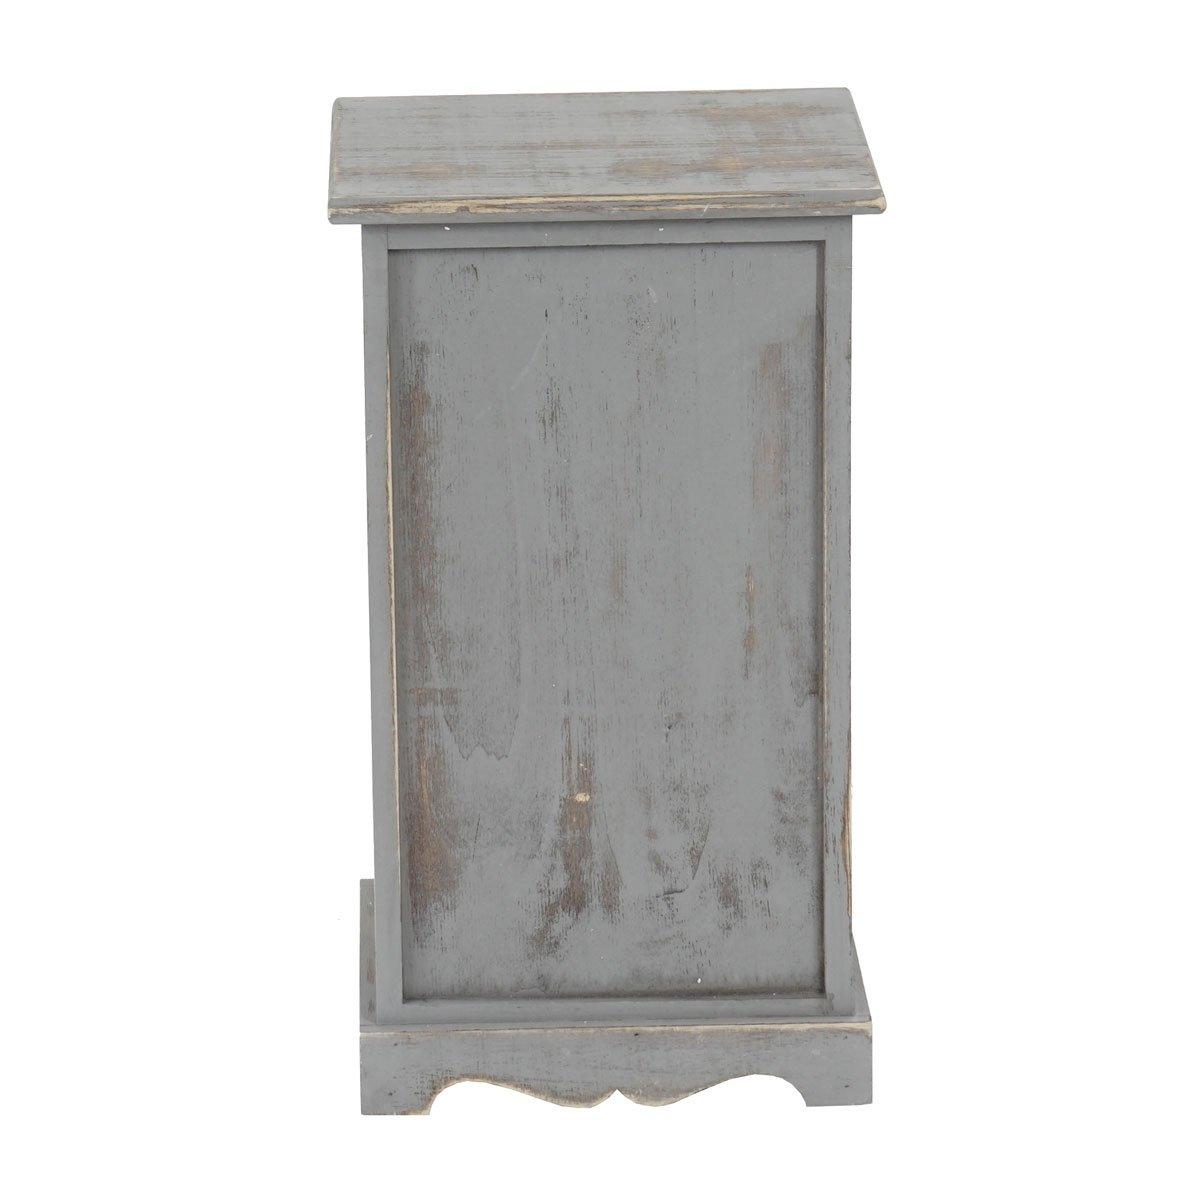 Shabby-Look Beistelltisch Nachttisch Telefontisch 63x35x29cm Vintage weiß